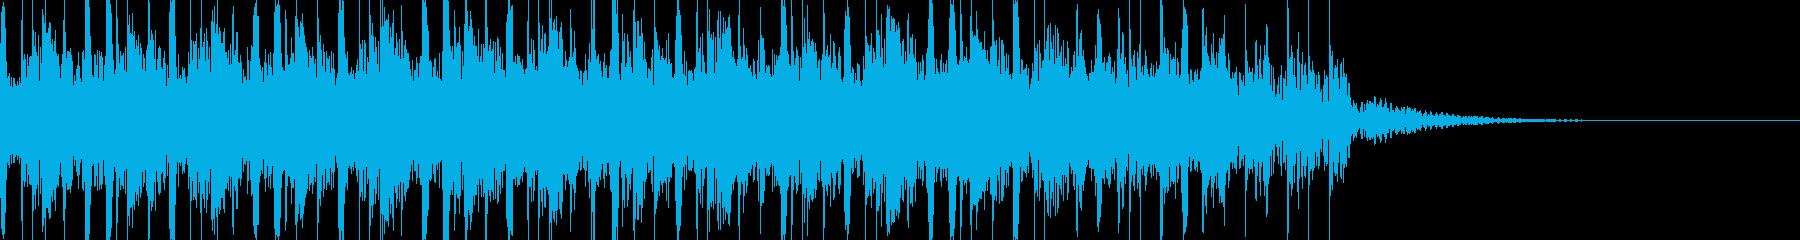 ジングル:優雅で広がりのある和風15秒の再生済みの波形